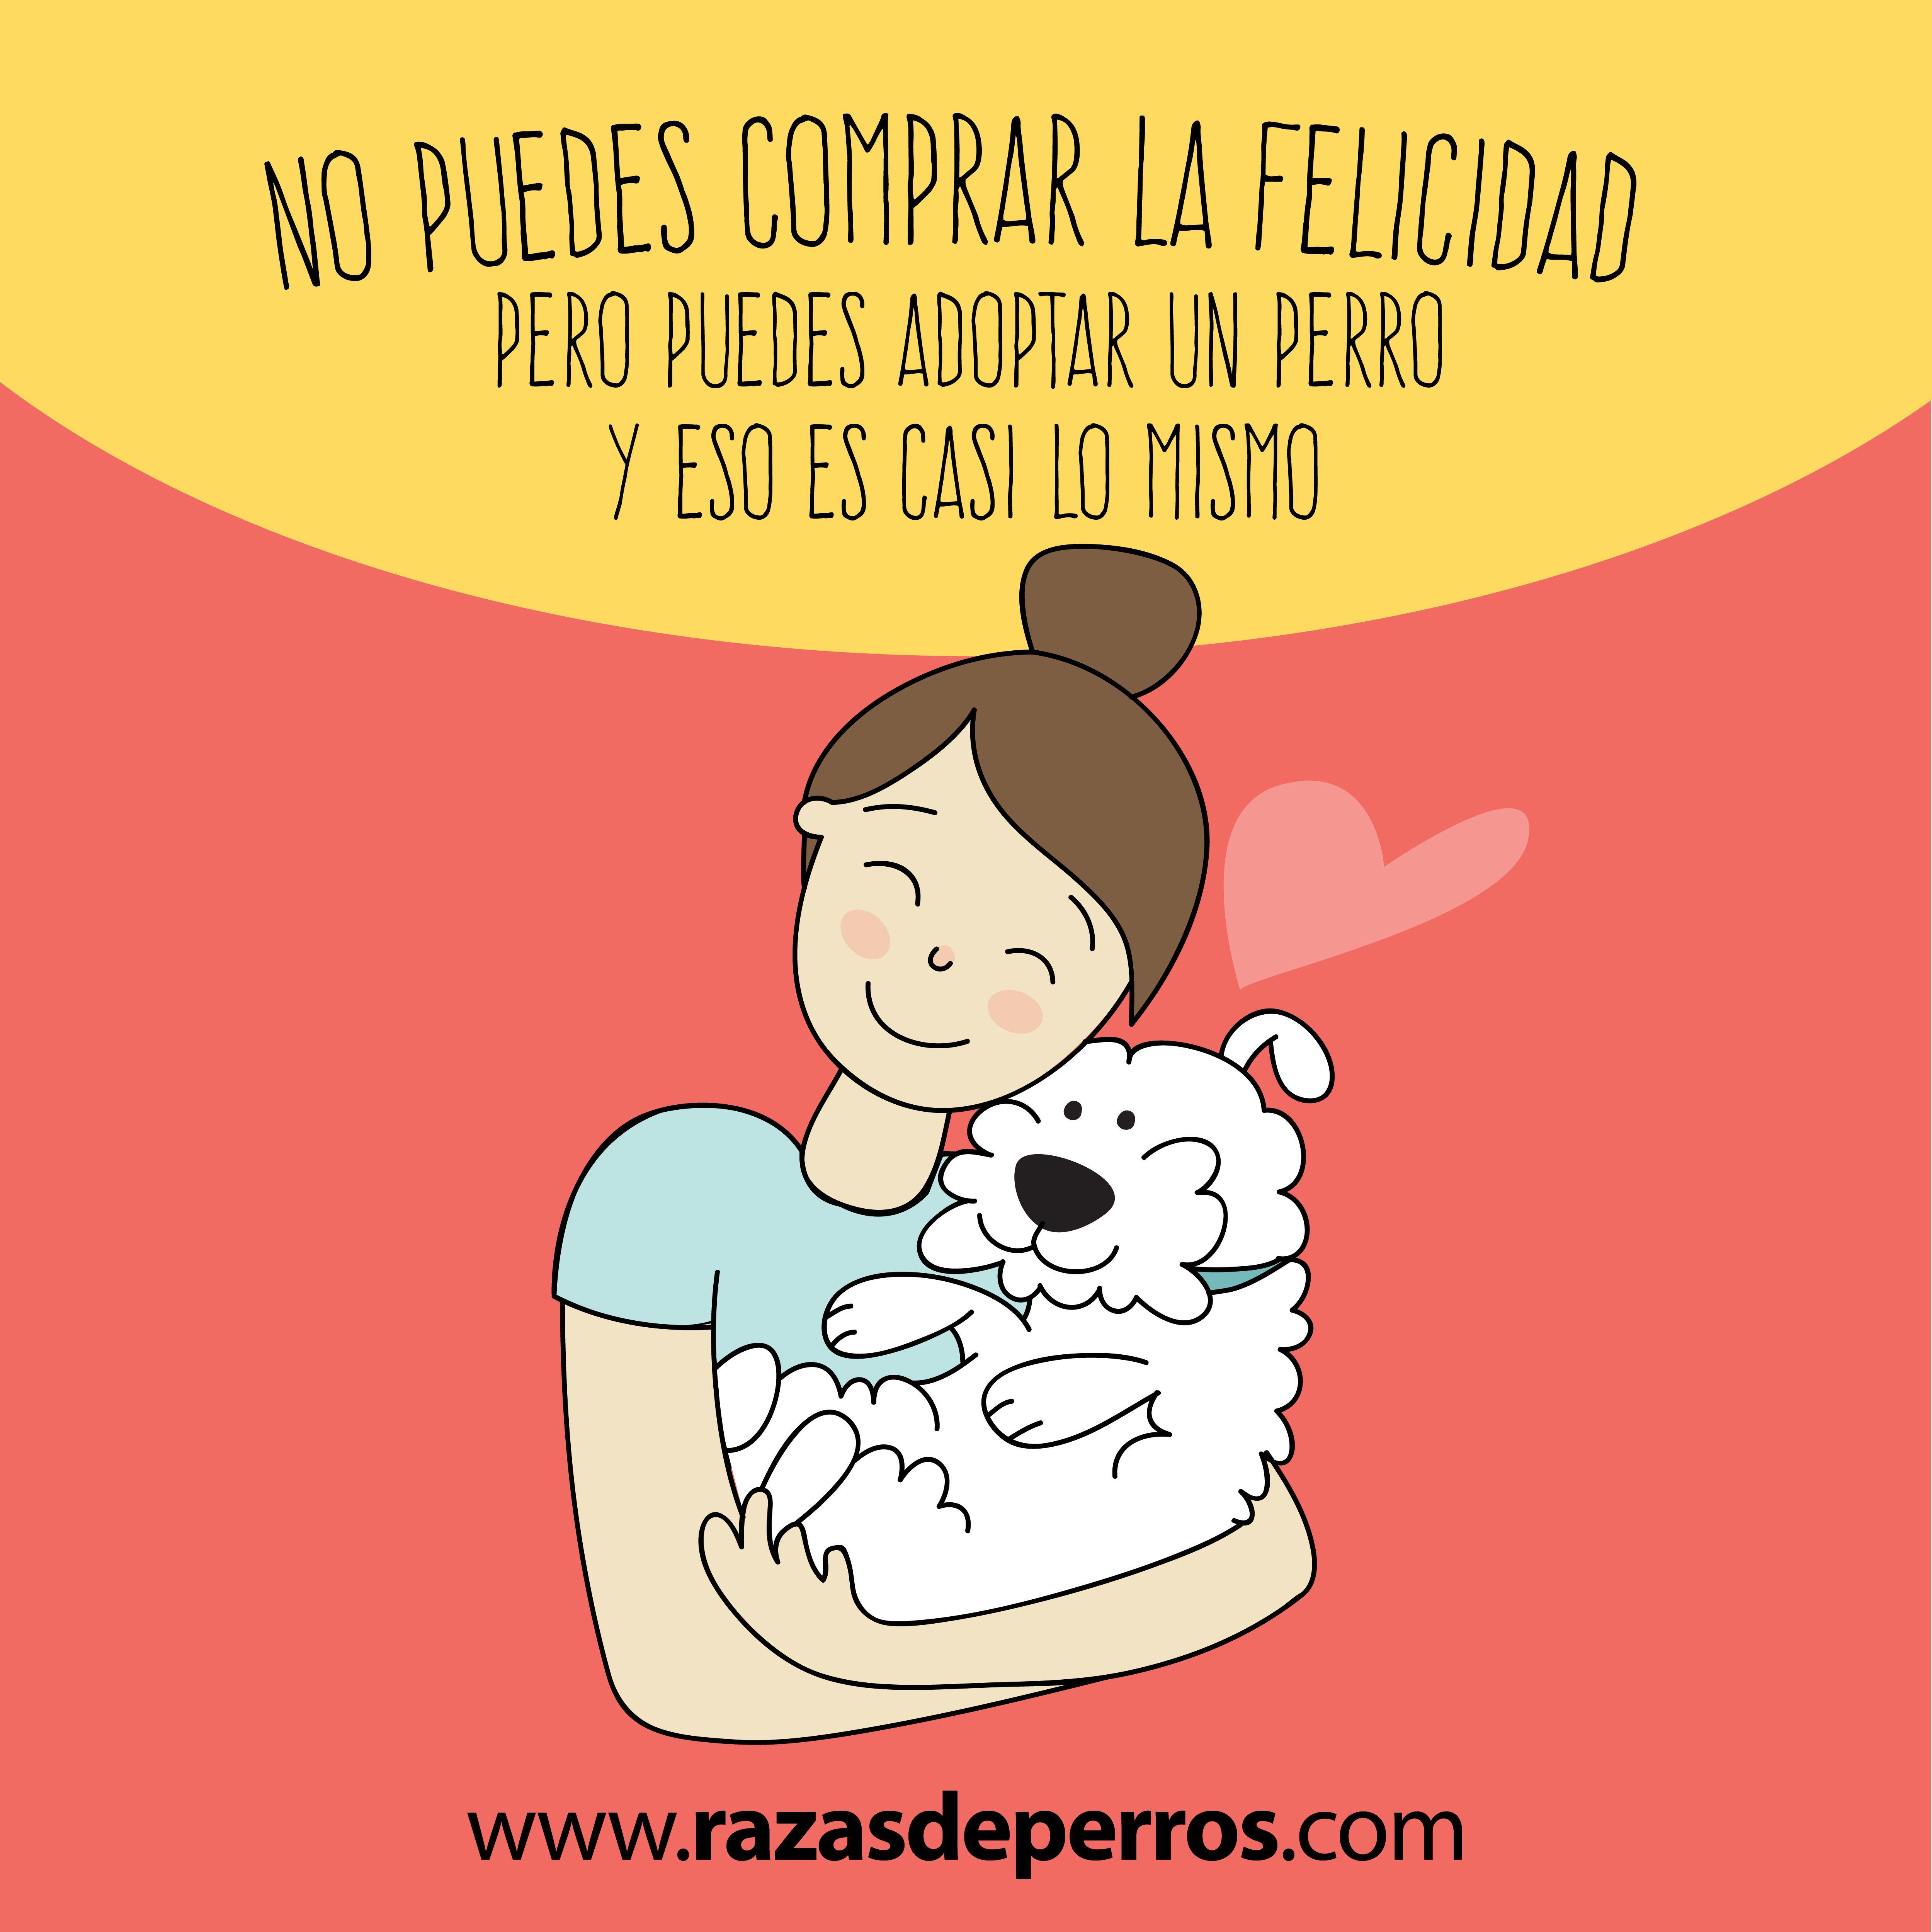 adoptar un perro da felicidad | Animalista, Amor X ellos | Pinterest